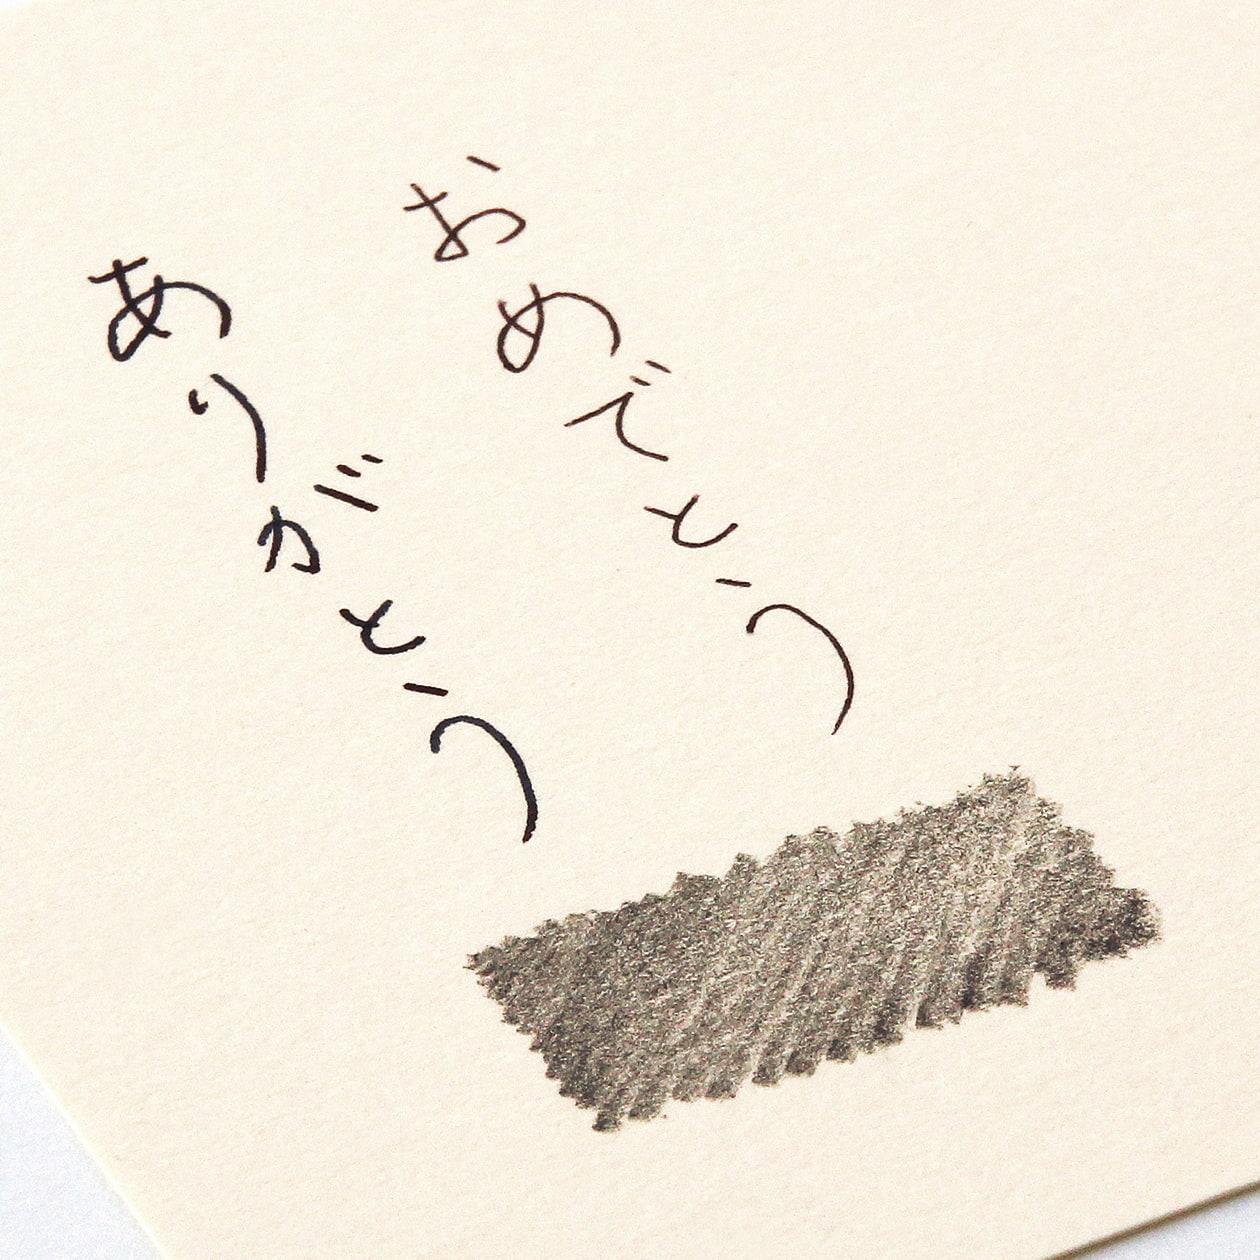 No.57ボーダード Pカード コーラル 232.8g